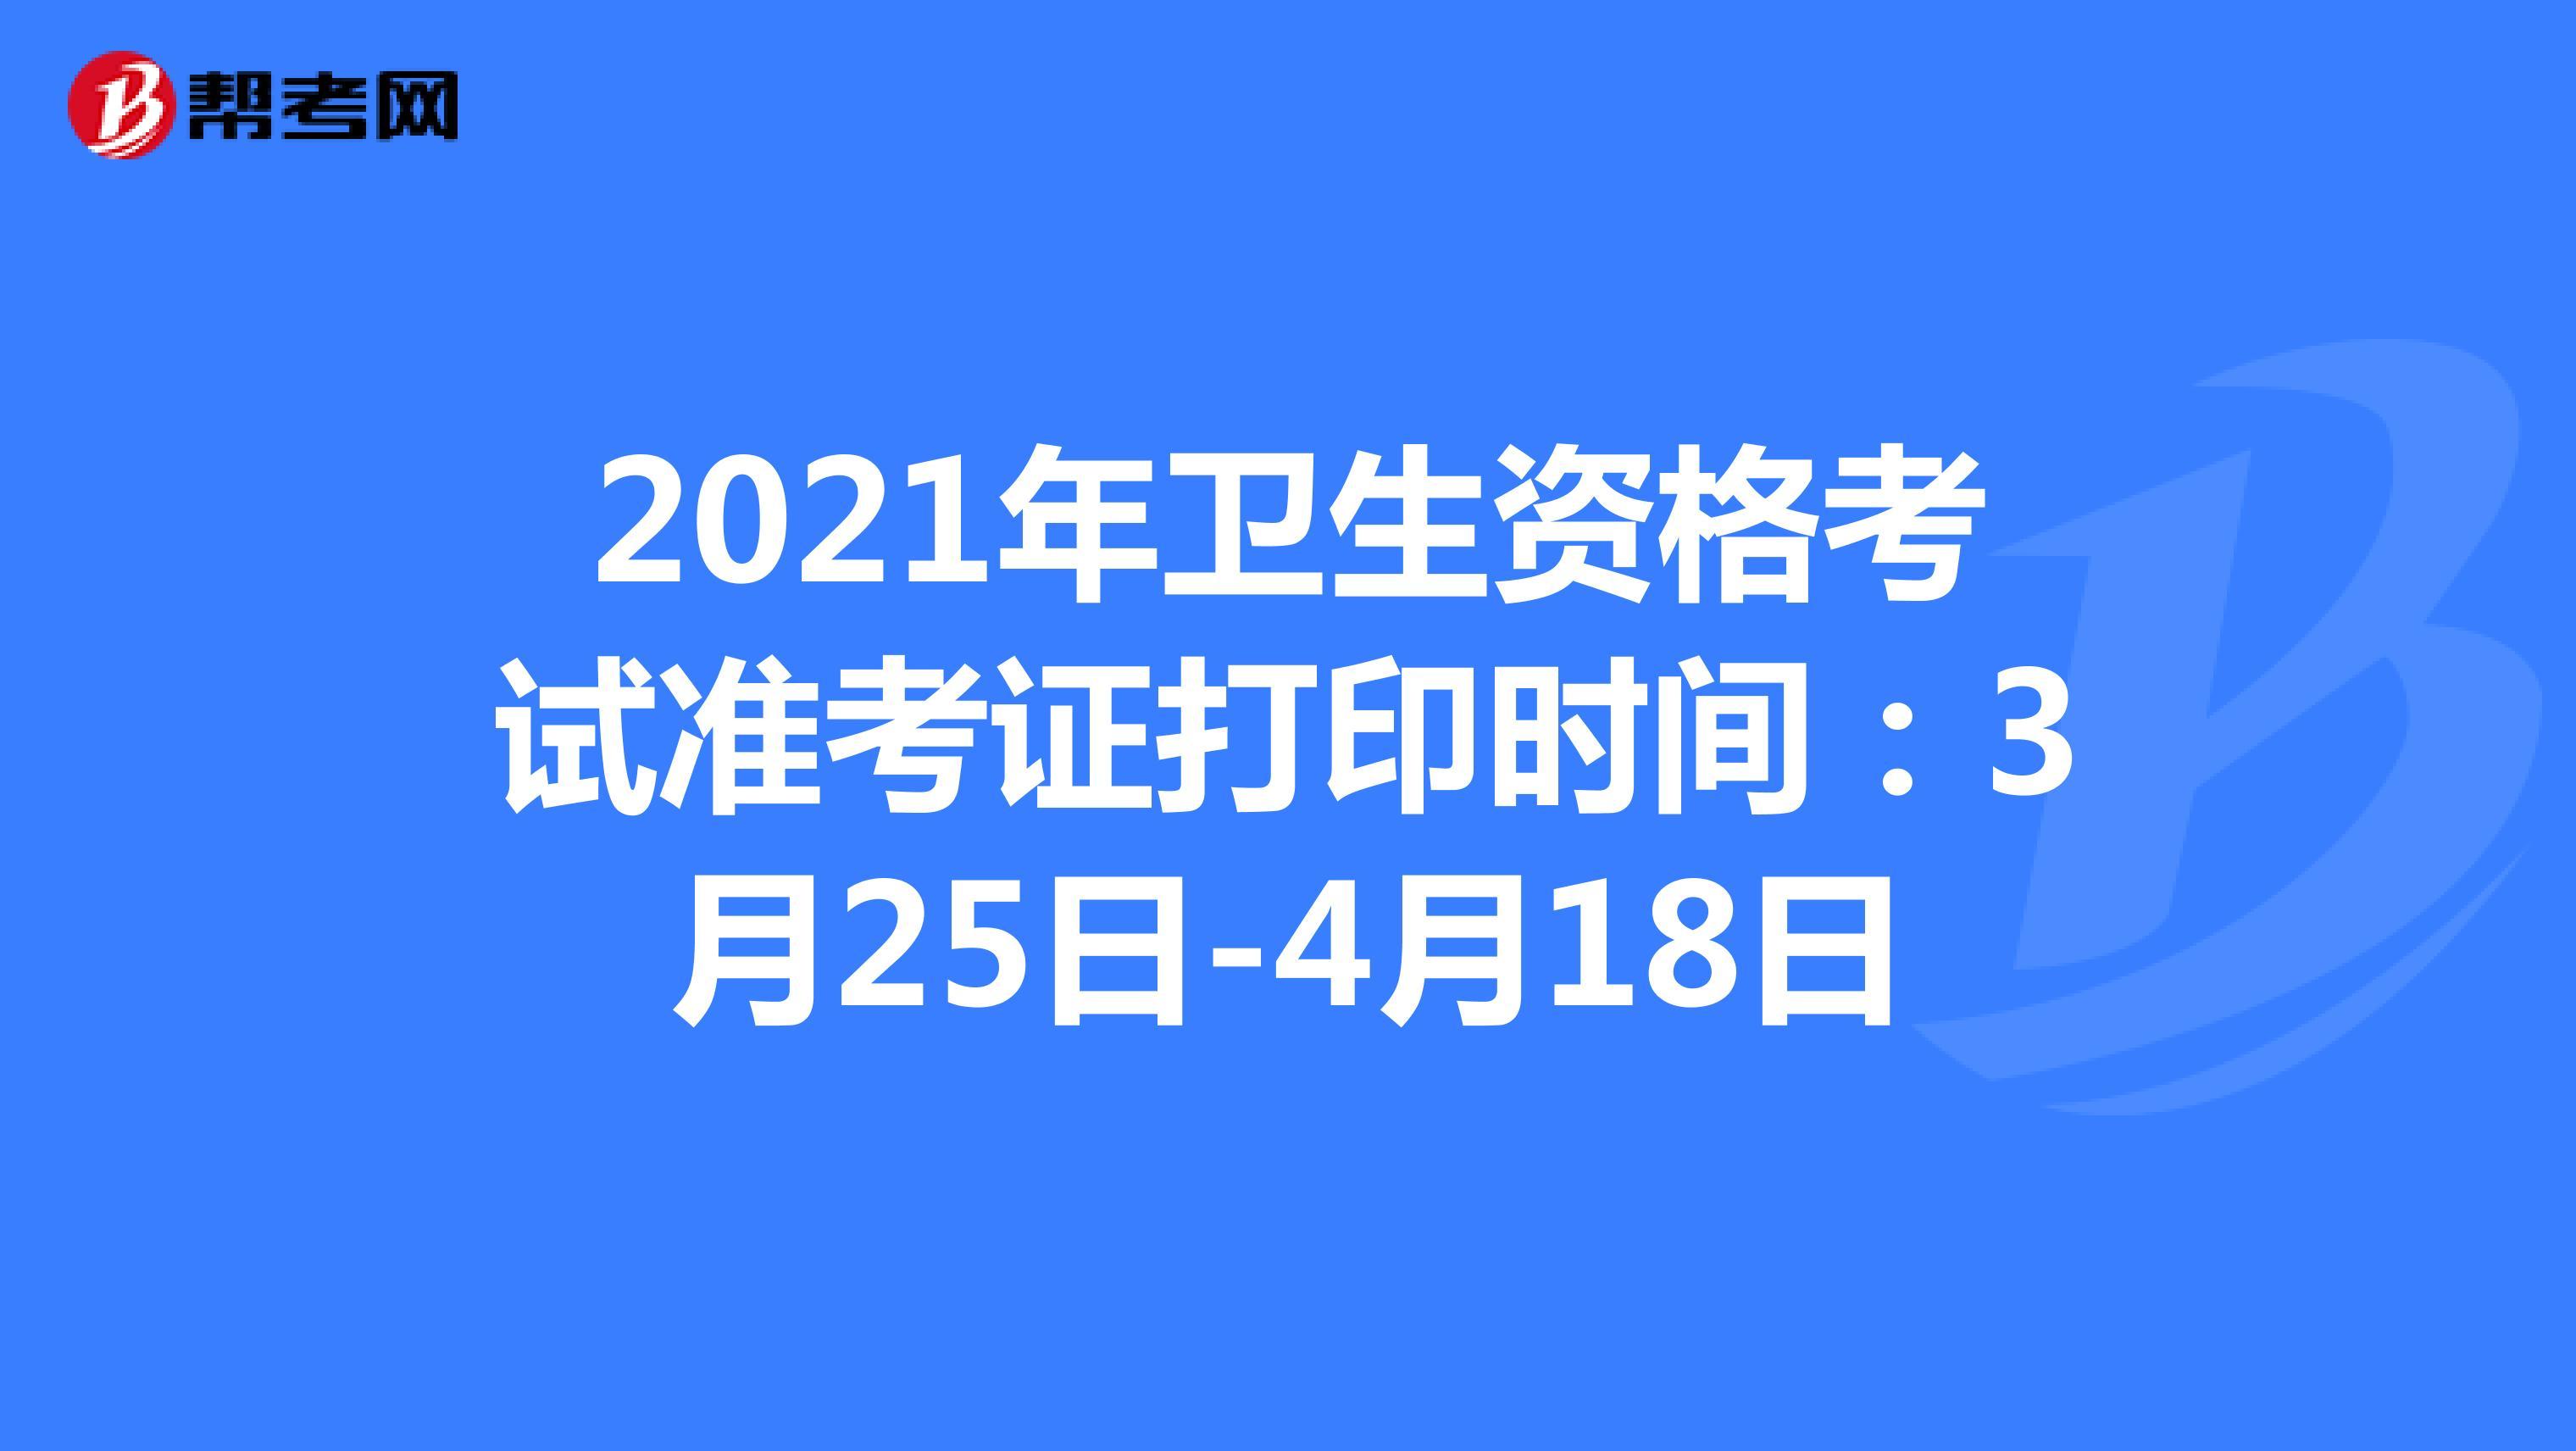 2021年衛生資格考試準考證打印時間:3月25日-4月18日